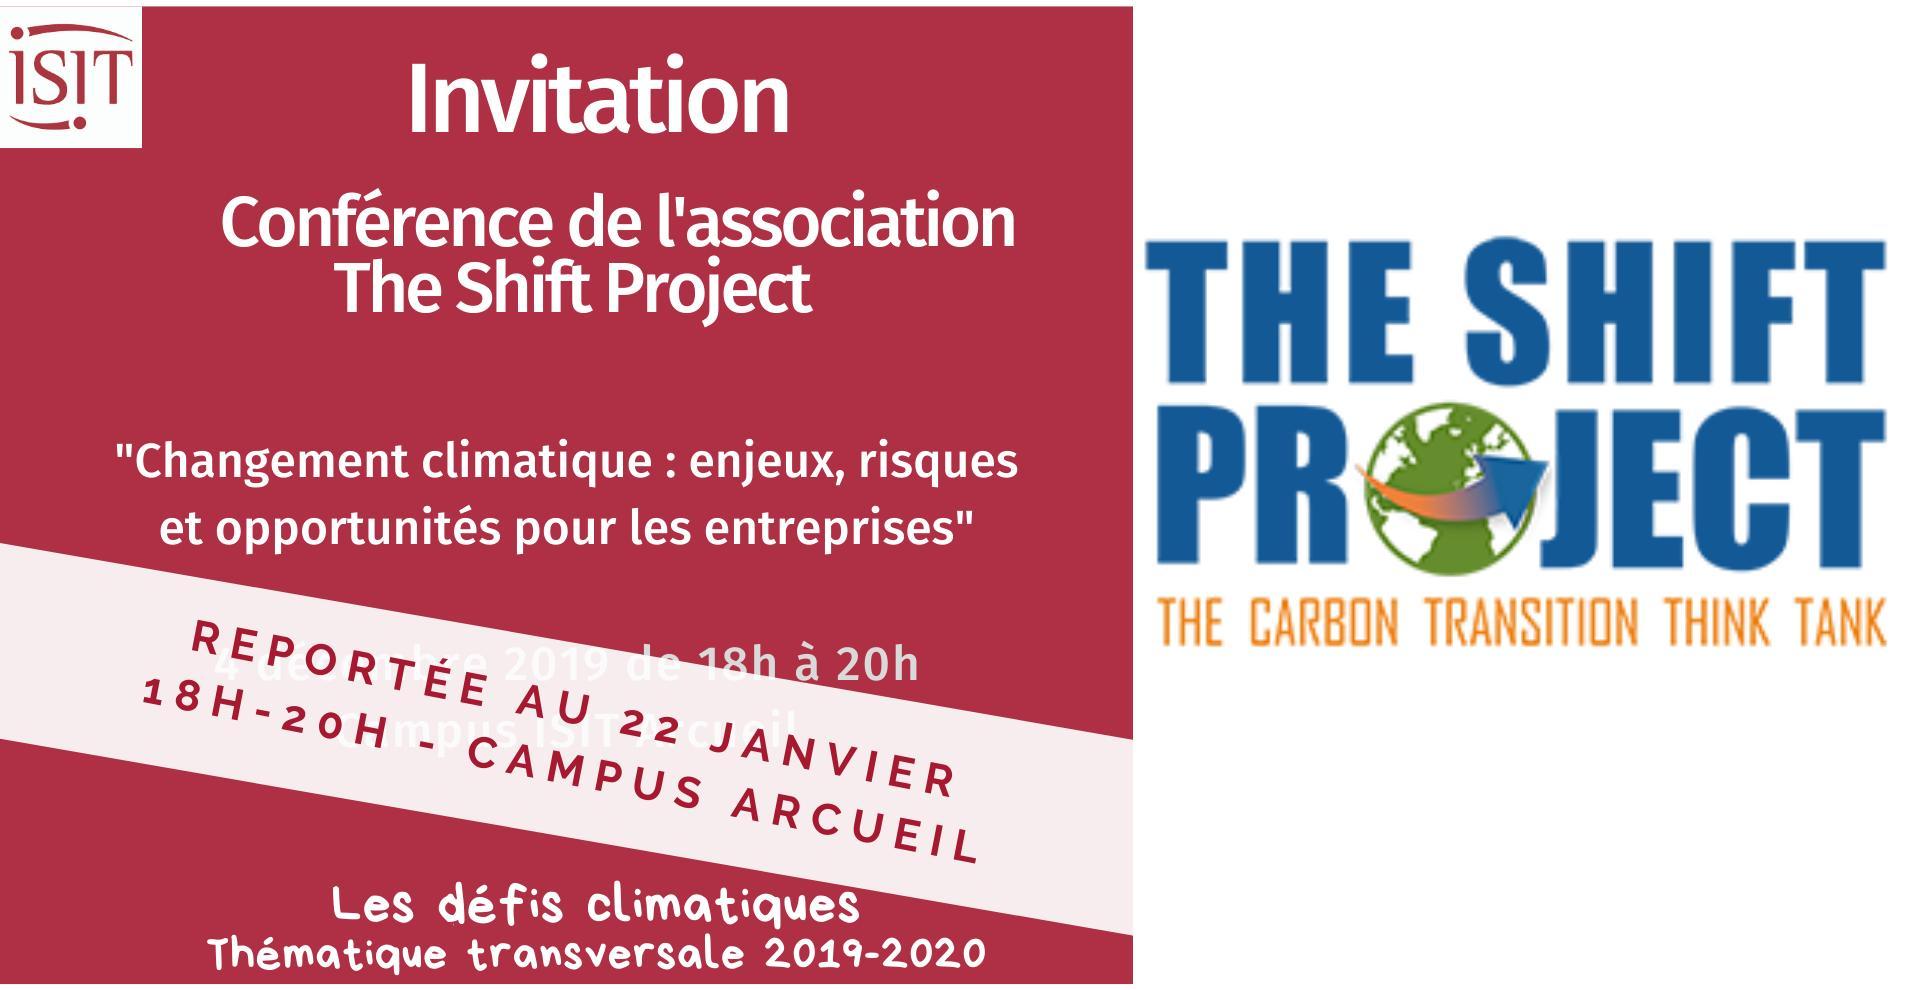 L'ISIT s'engage : 3ème conférence sur le climat